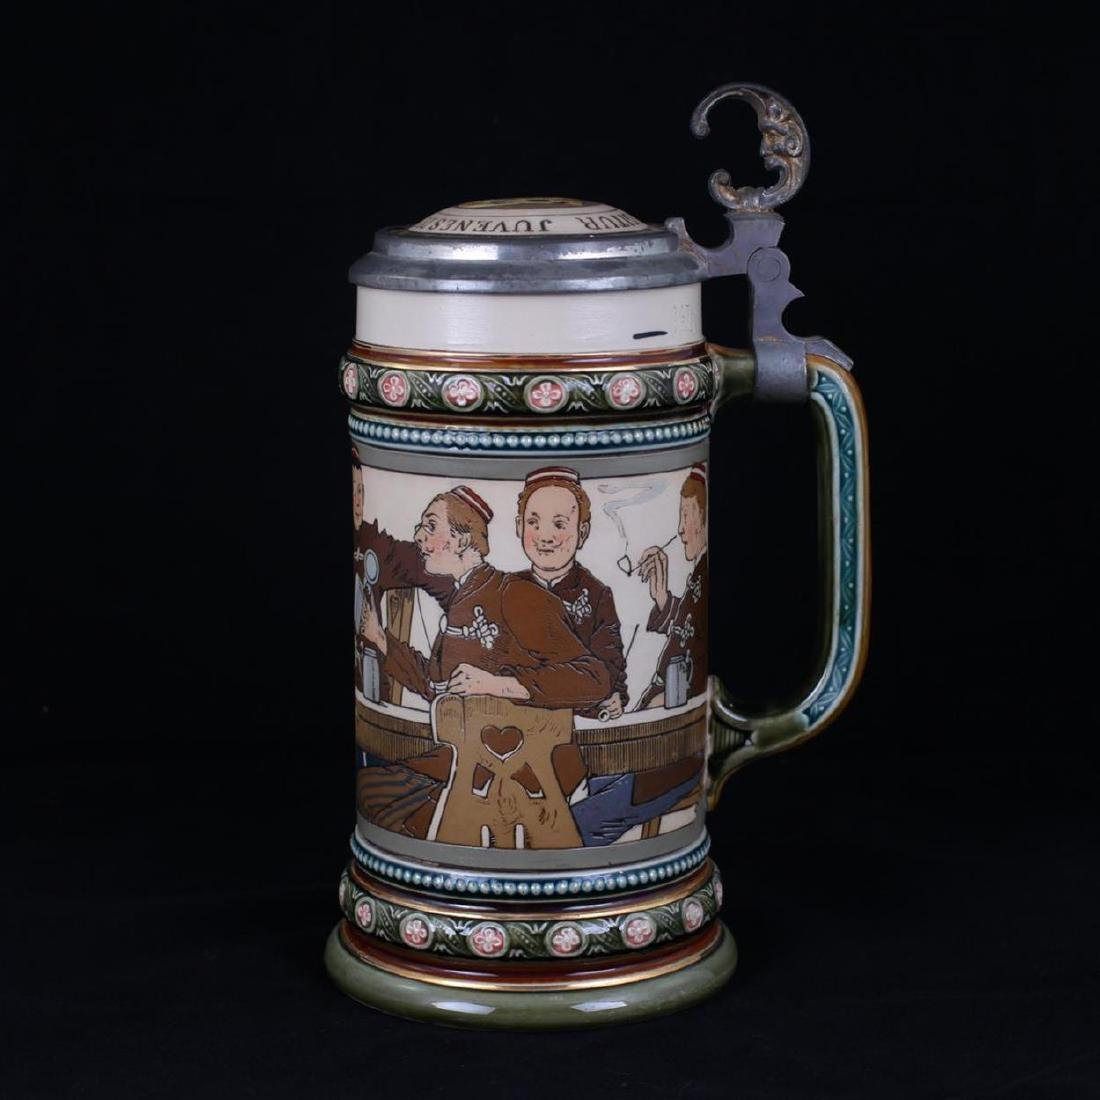 """Beer stein with a hymn """"Gaudeamus igitur"""". [1900s]."""